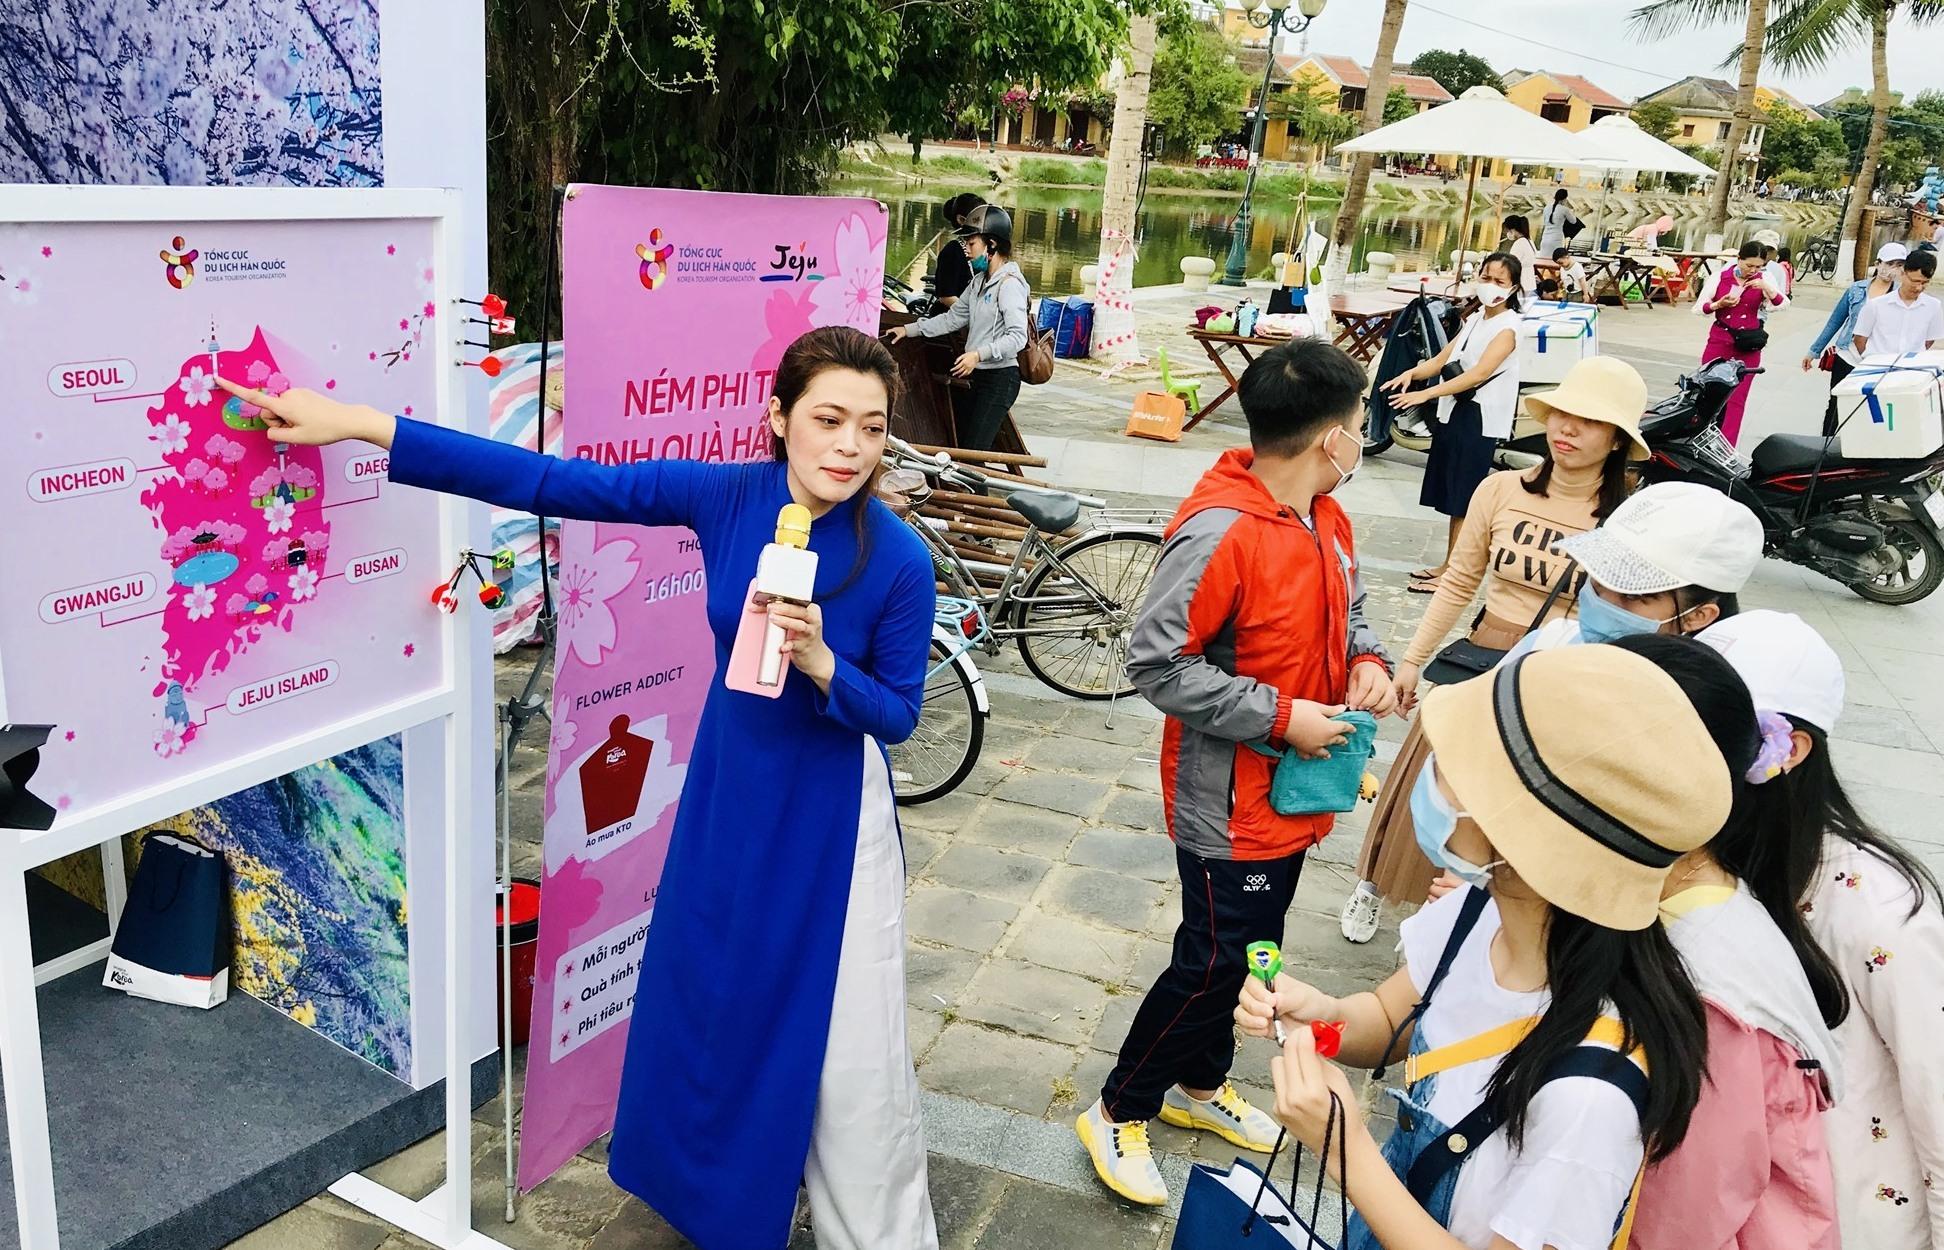 Giới trẻ trải nghiệm bản đồ du lịch Hàn Quốc. Ảnh: T.Q